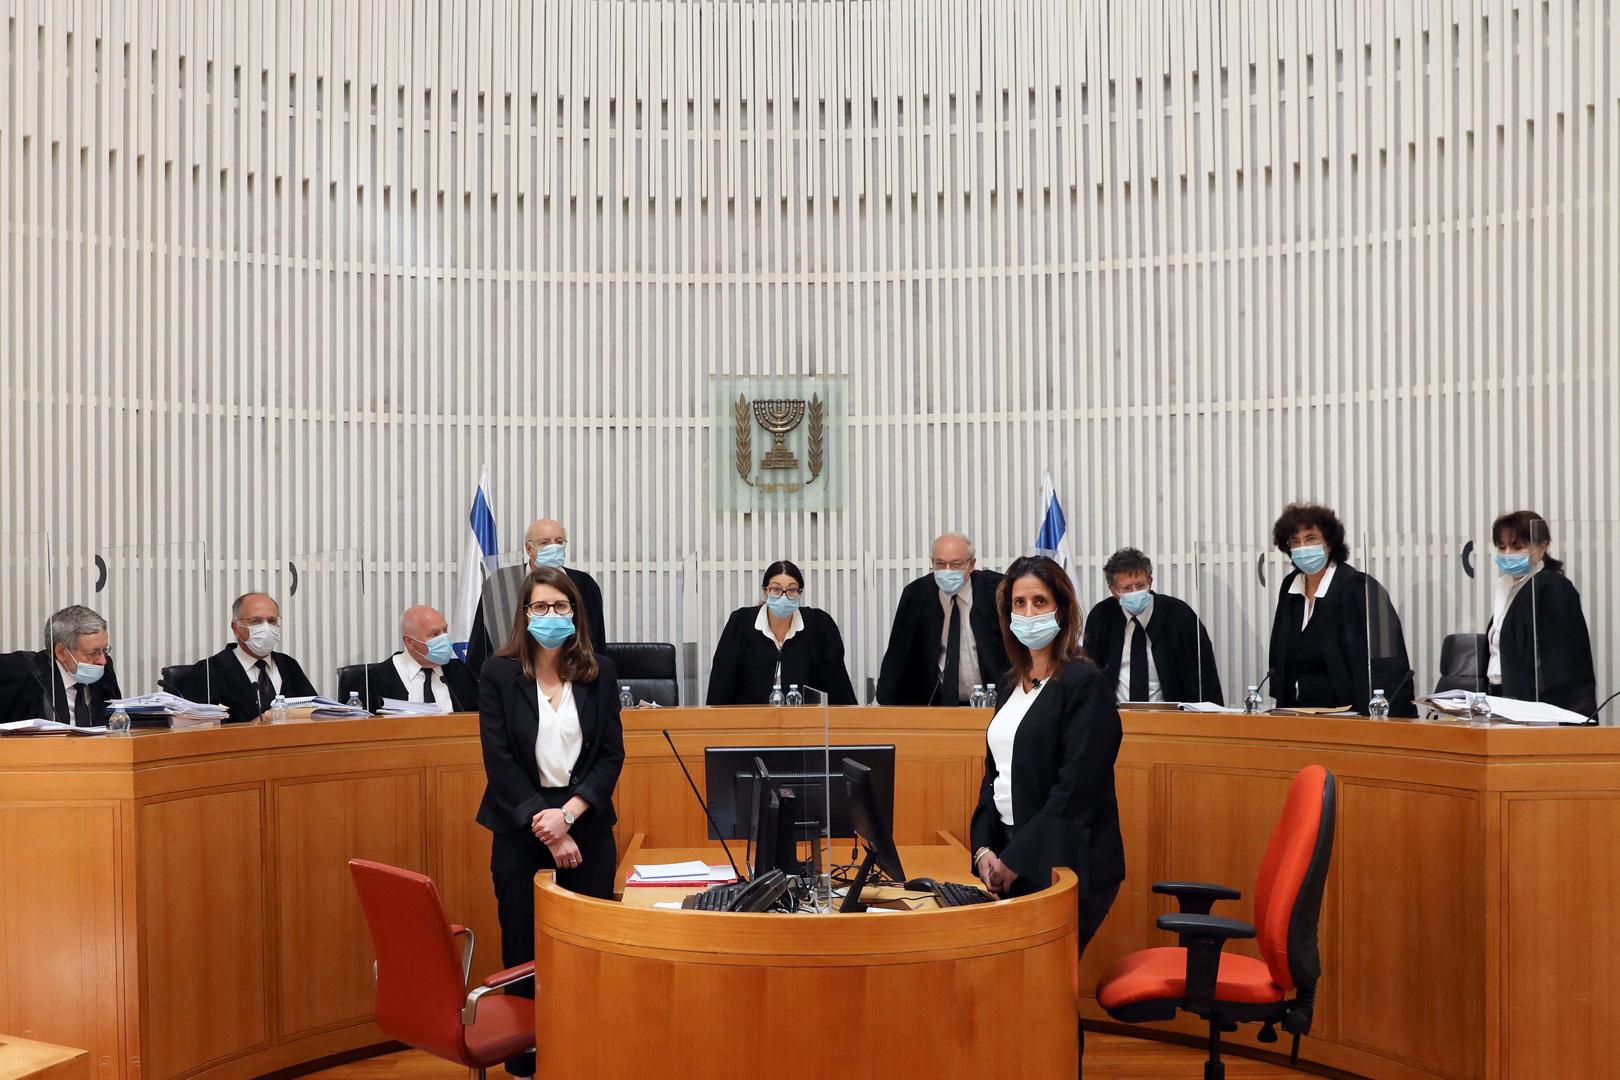 محكمة إسرائيلية تصادق على سجن أردني 19 عاما